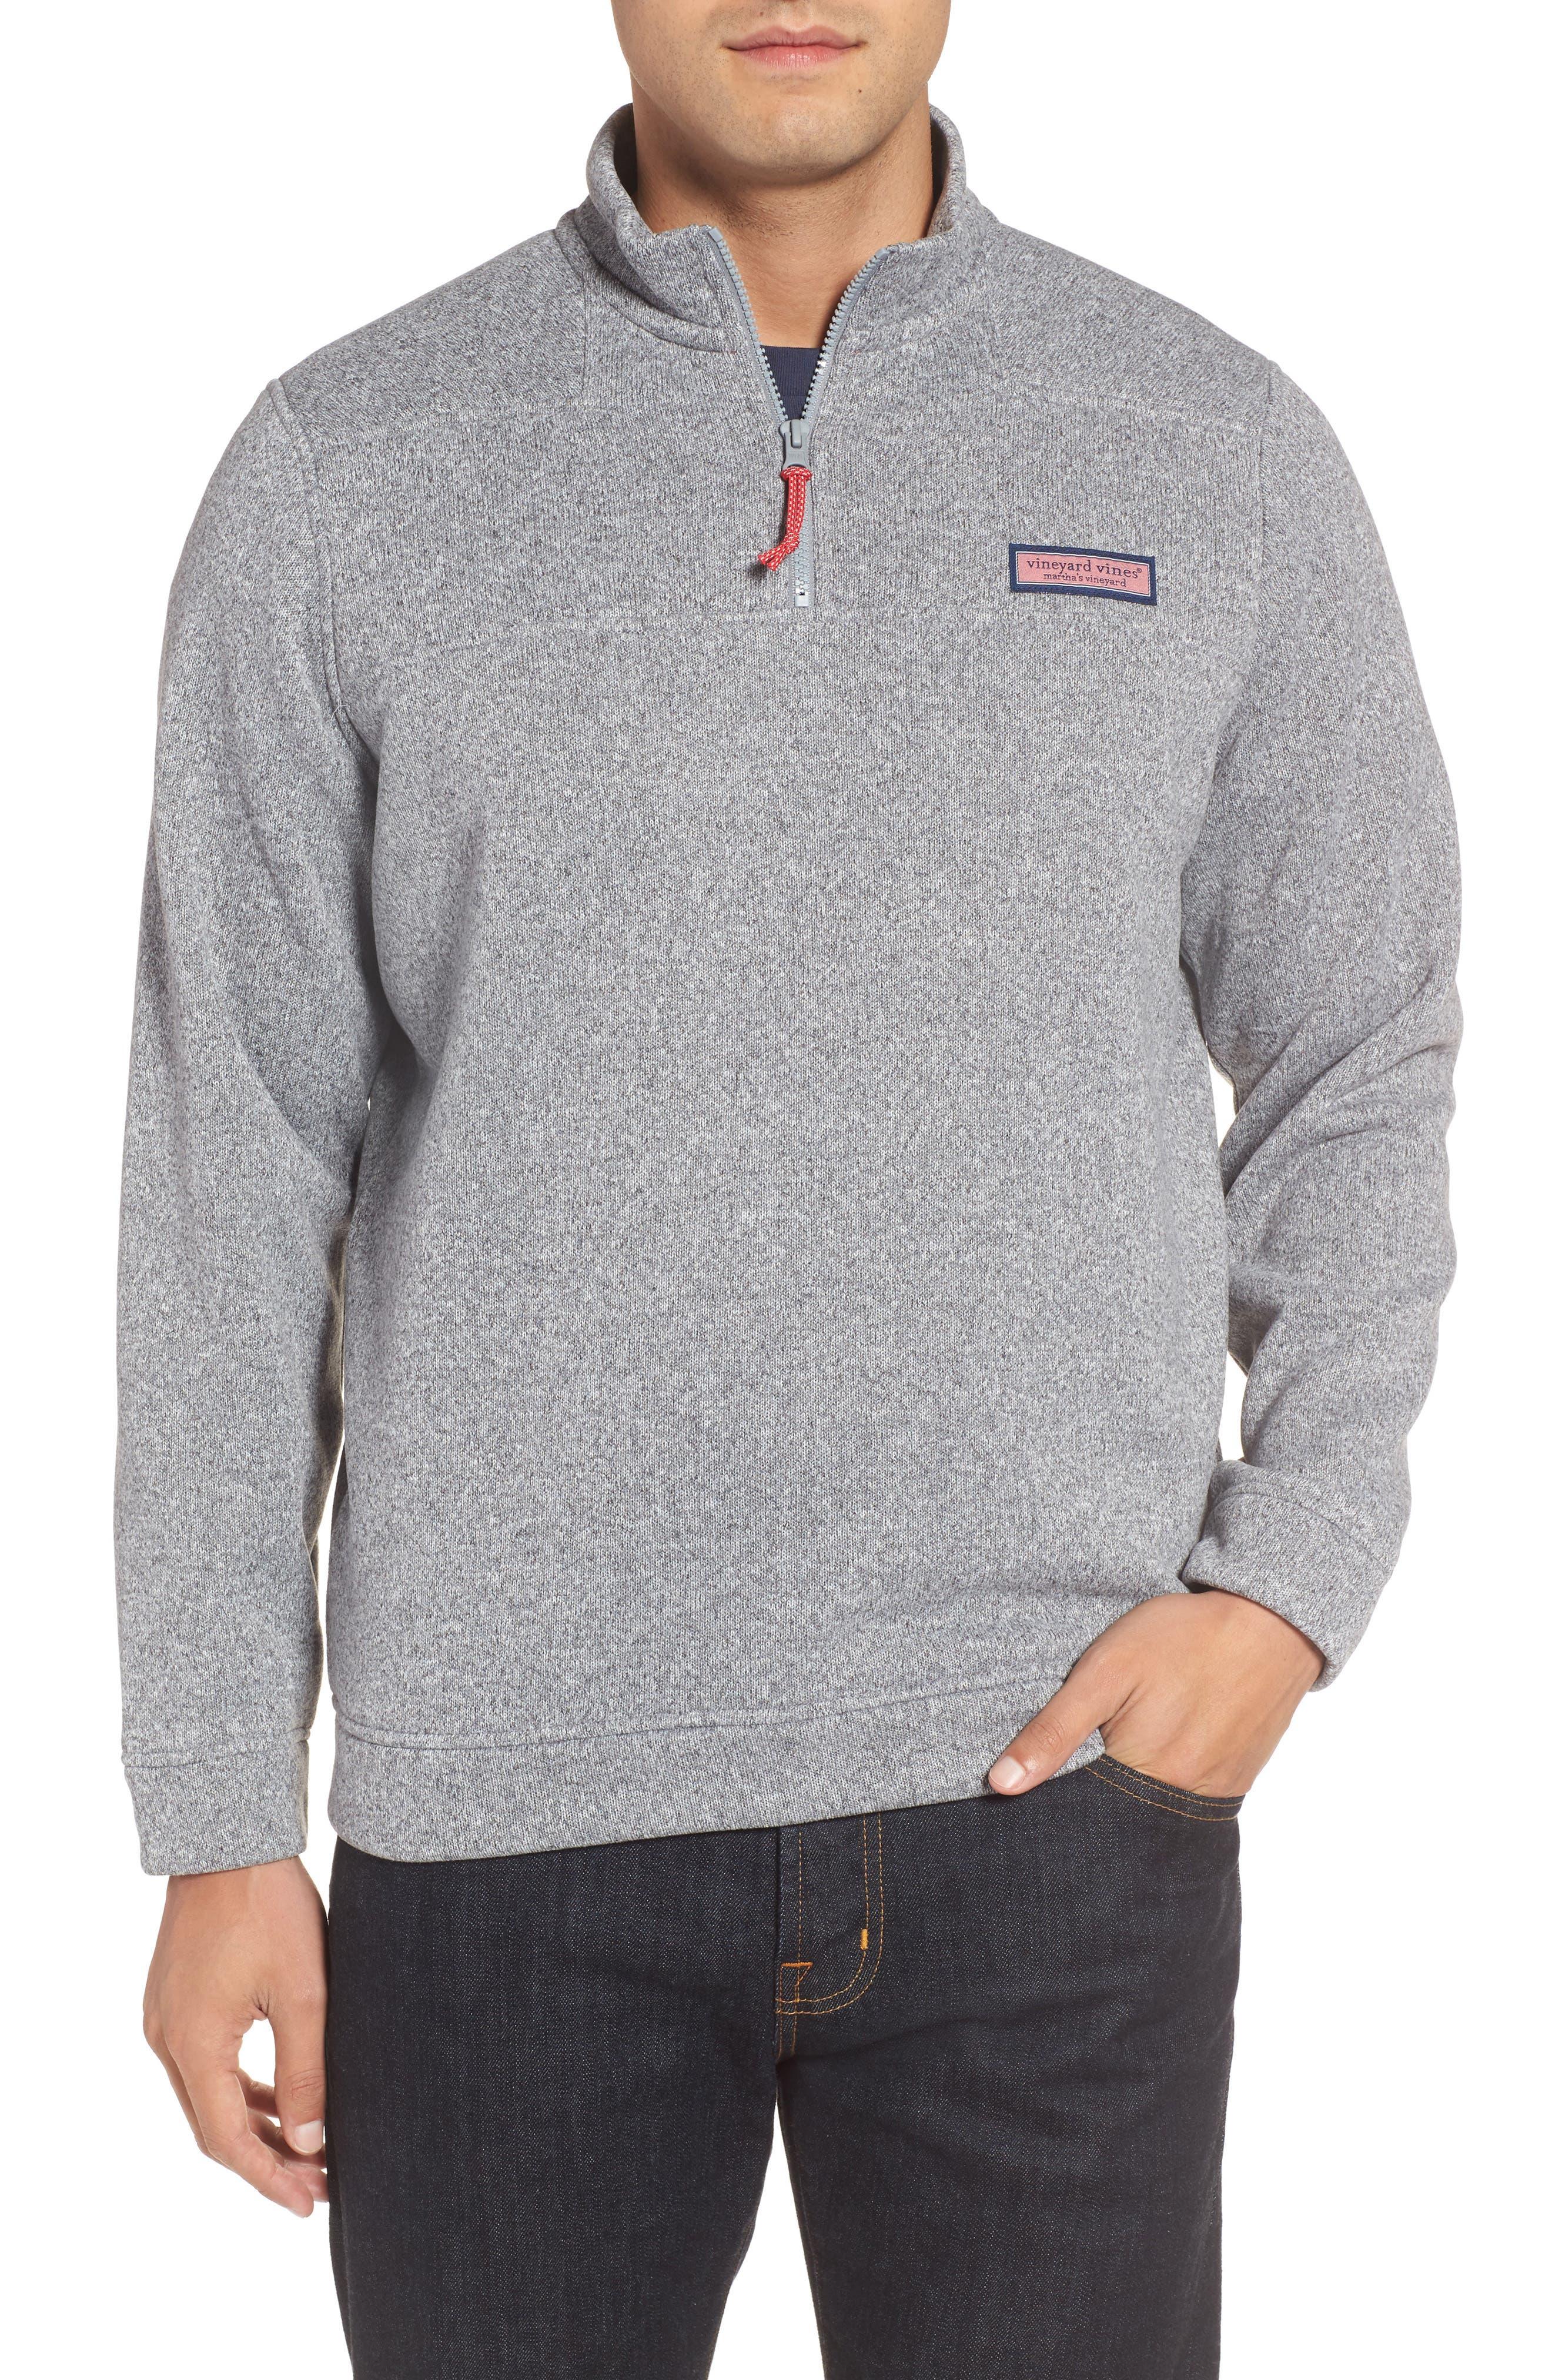 Main Image - vineyard vines Shep Sweater Fleece Quarter Zip Pullover